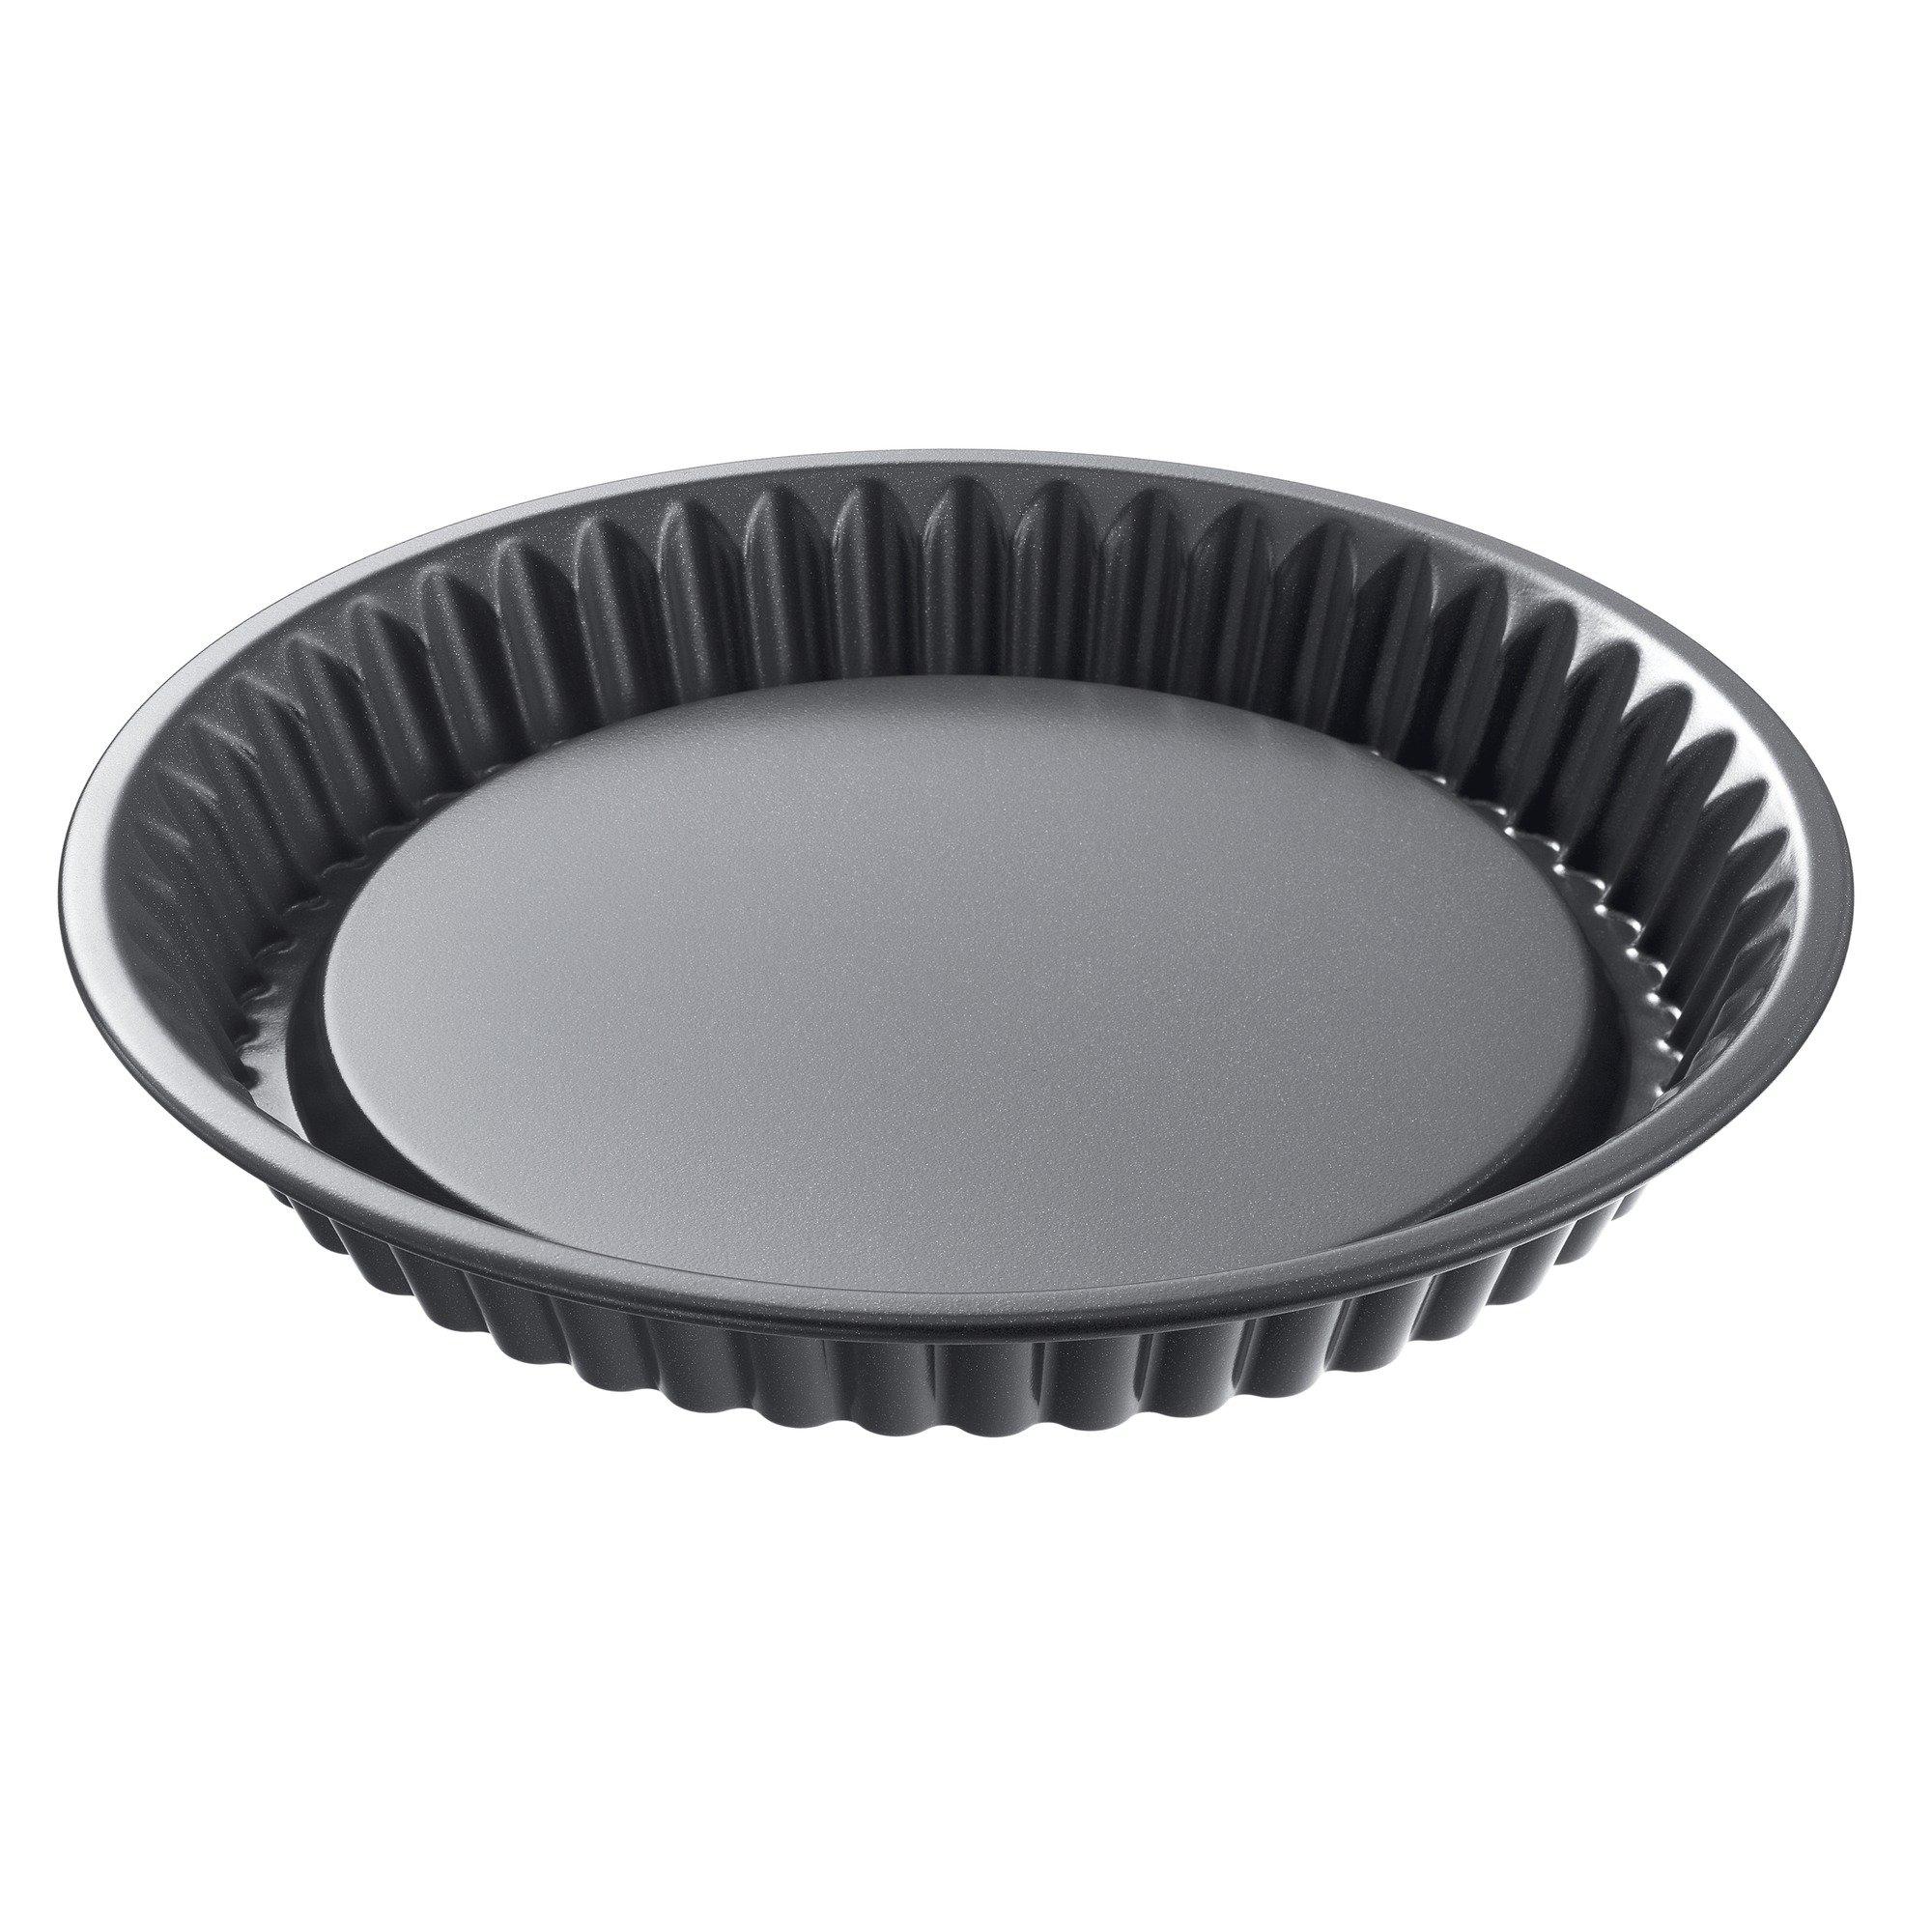 Tortenboden Ø 28 cm La Forme Plus